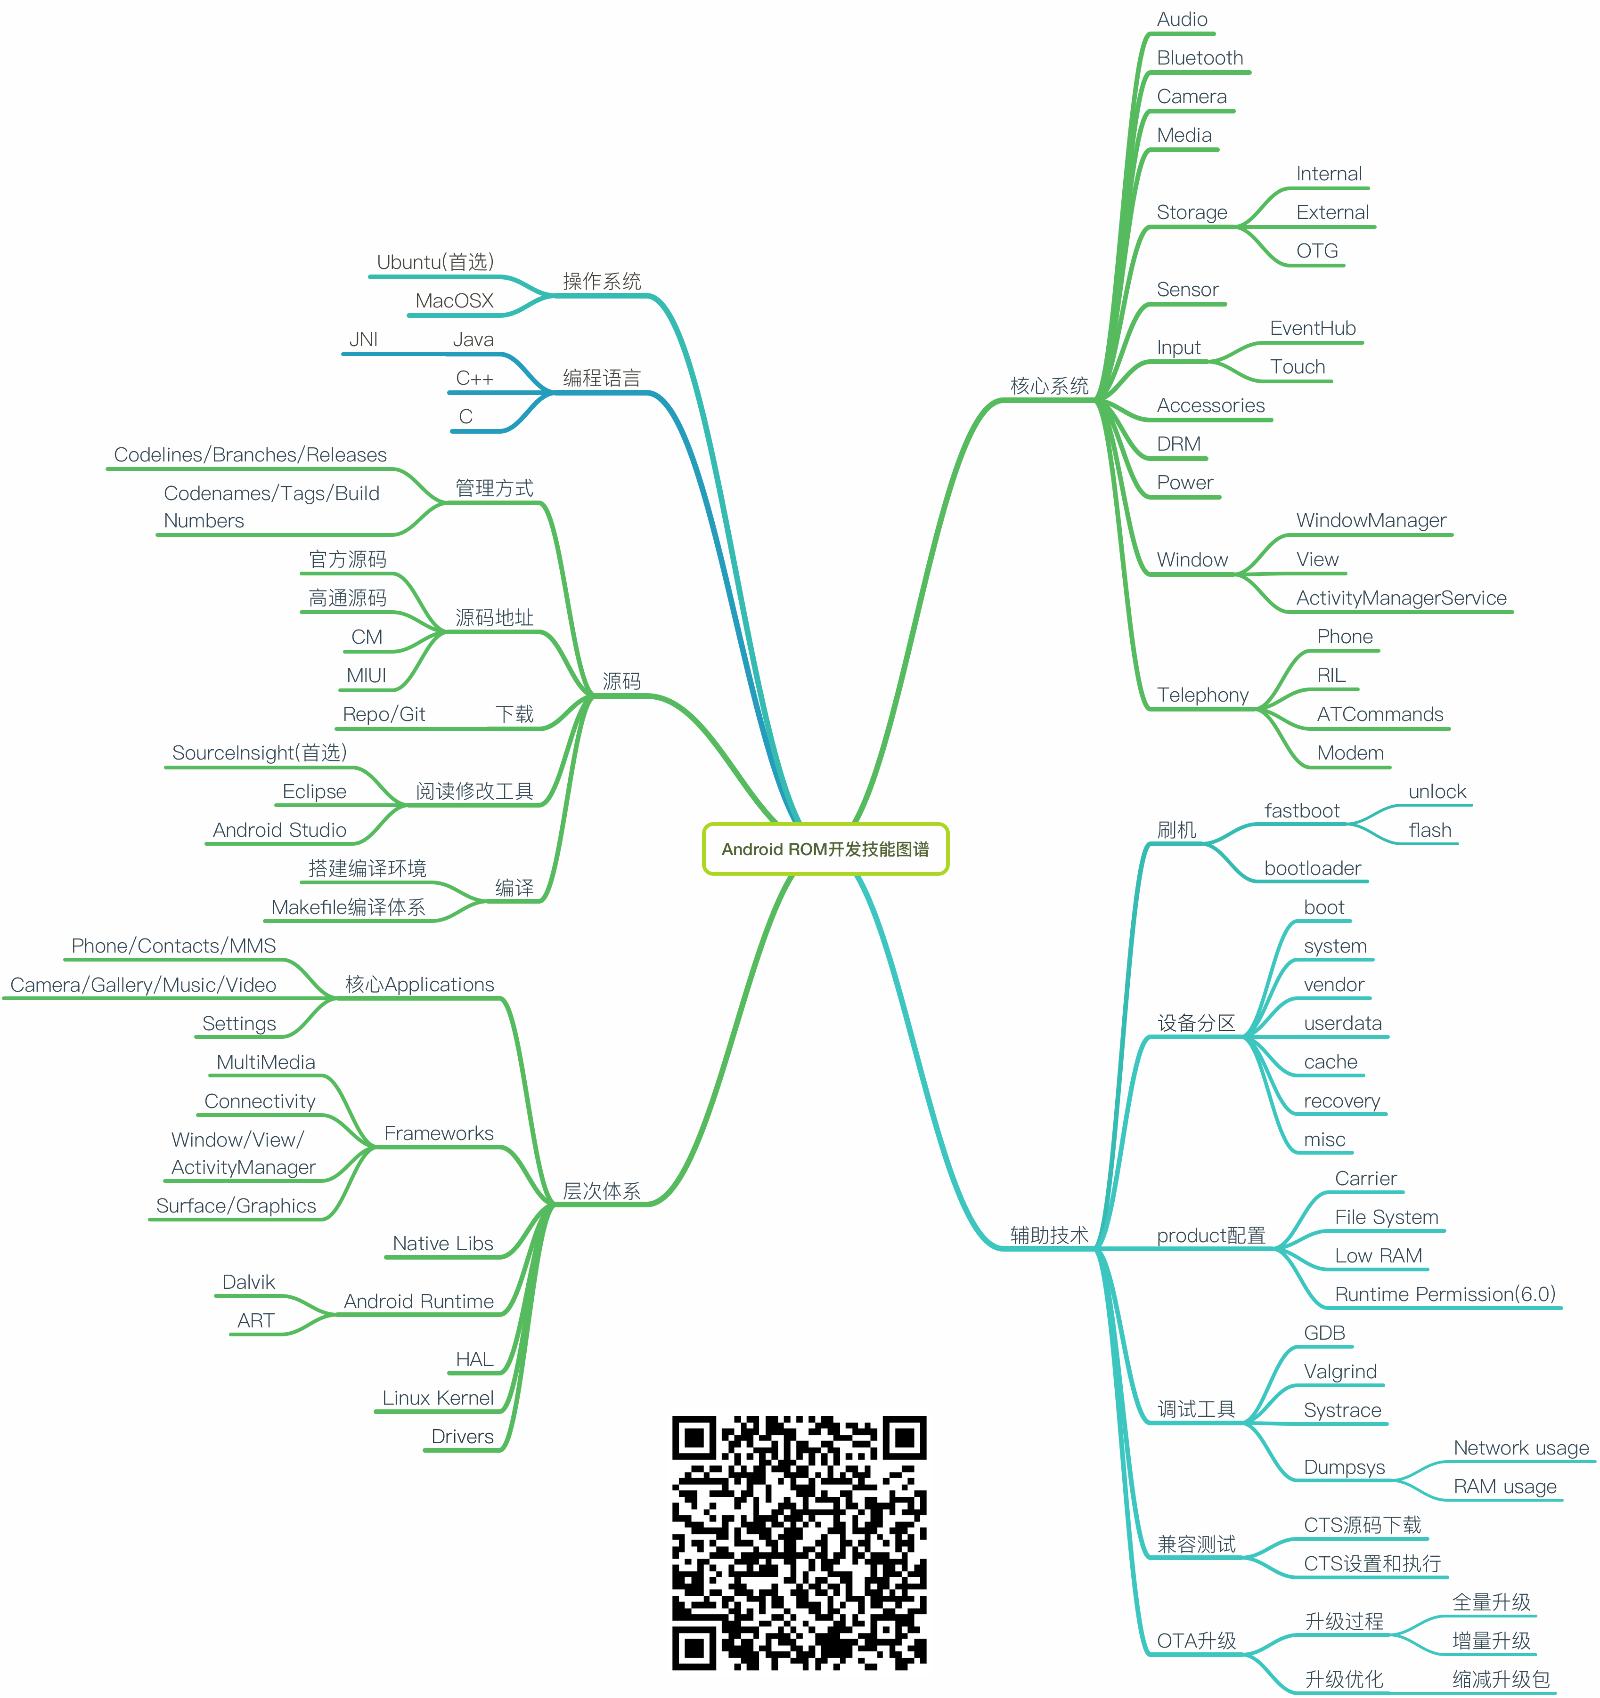 20181206_程序员技能图谱-Android-ROM-开发-by-StuQ.png